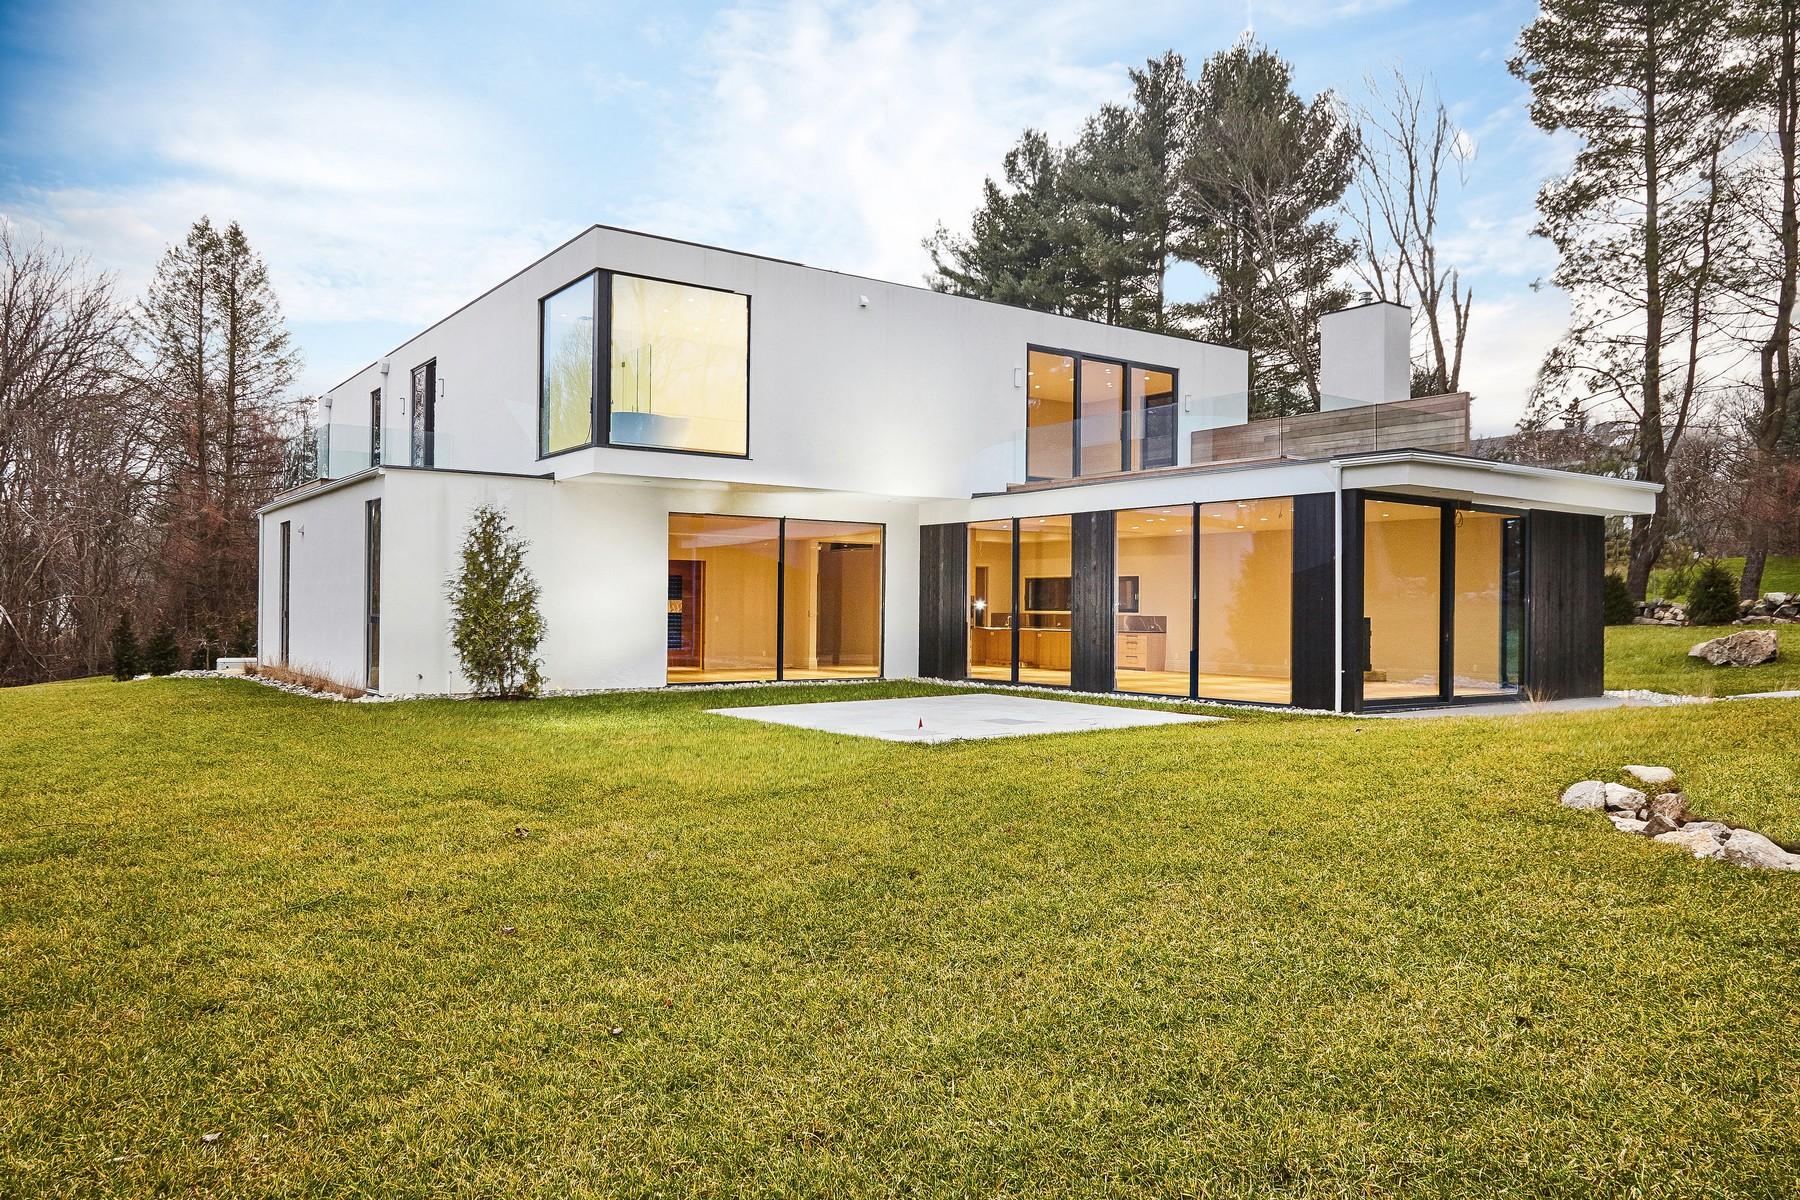 Частный односемейный дом для того Продажа на Complete Privacy in a Park-like Setting 175a Cross Highway Westport, Коннектикут 06880 Соединенные Штаты